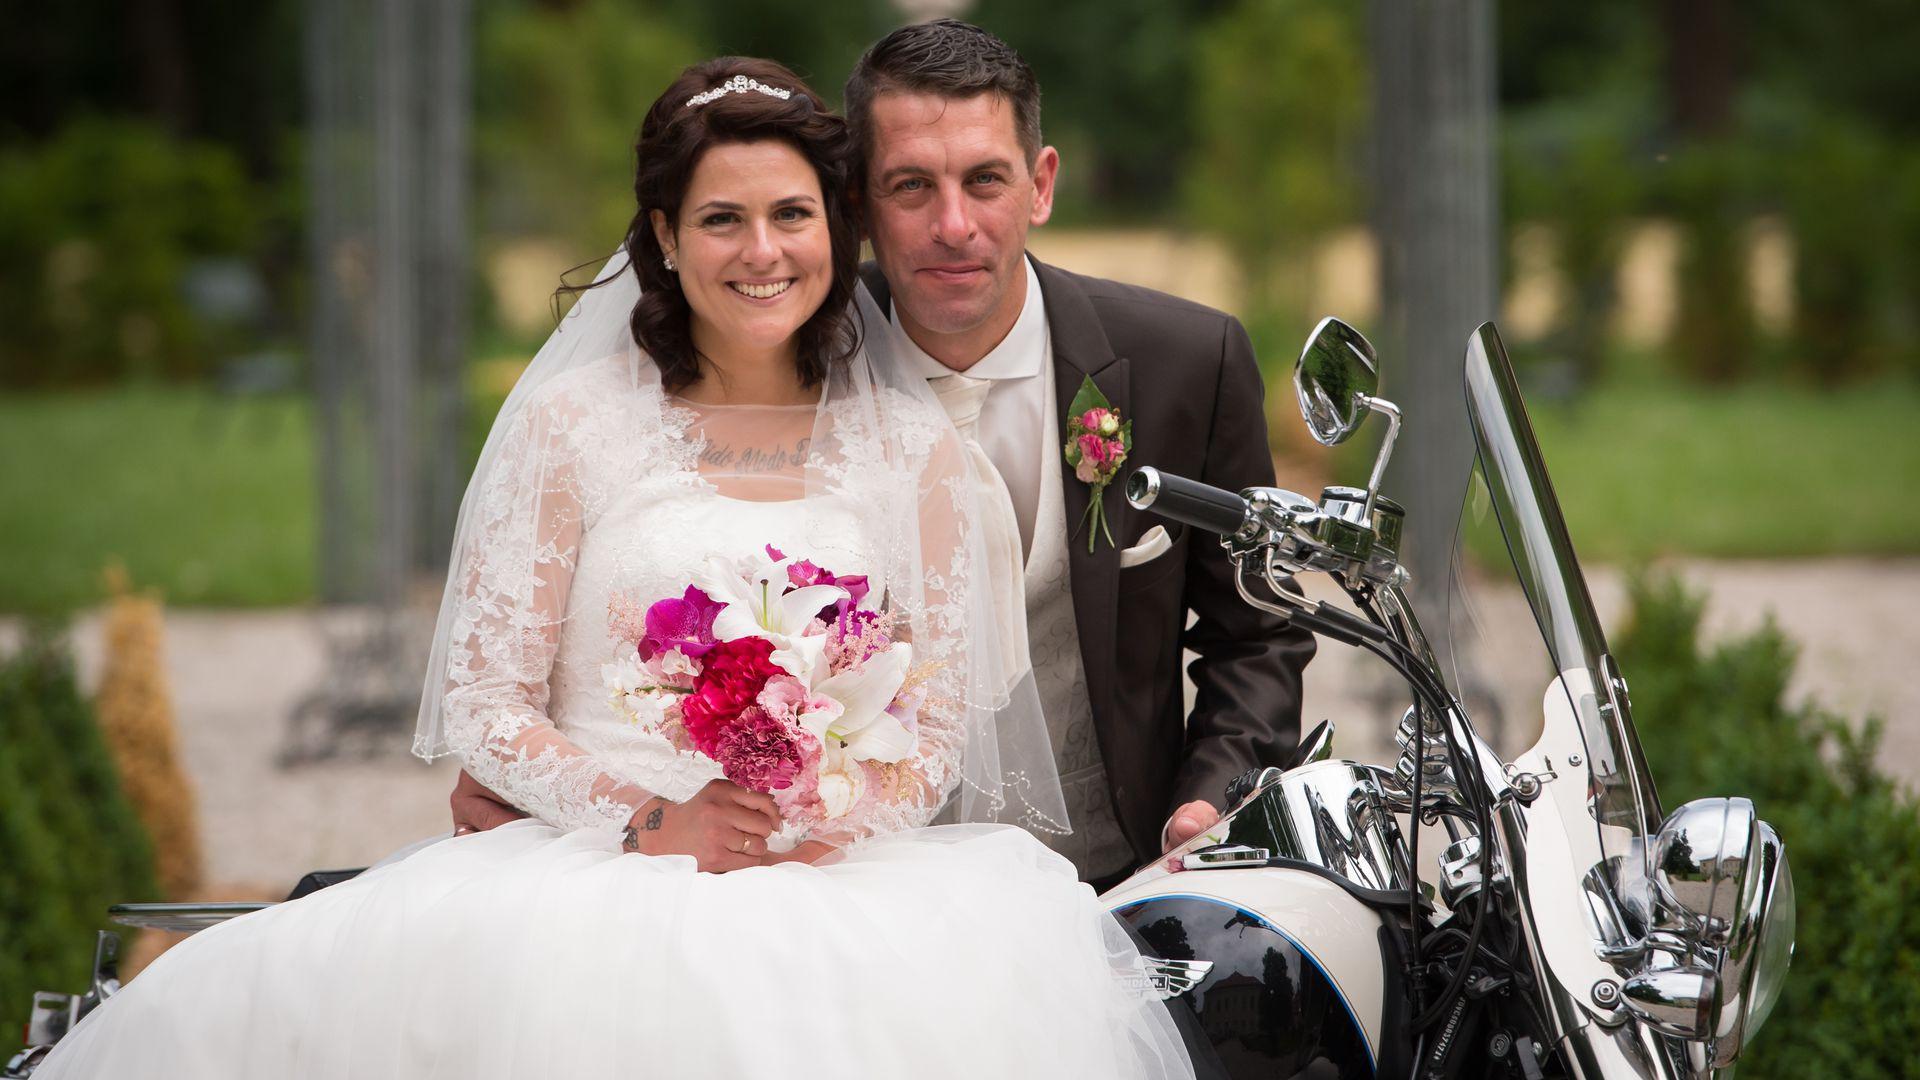 Hochzeit Auf Den Ersten Blick Kathrin  Hochzeit Auf Den Ersten Blick Vanessa